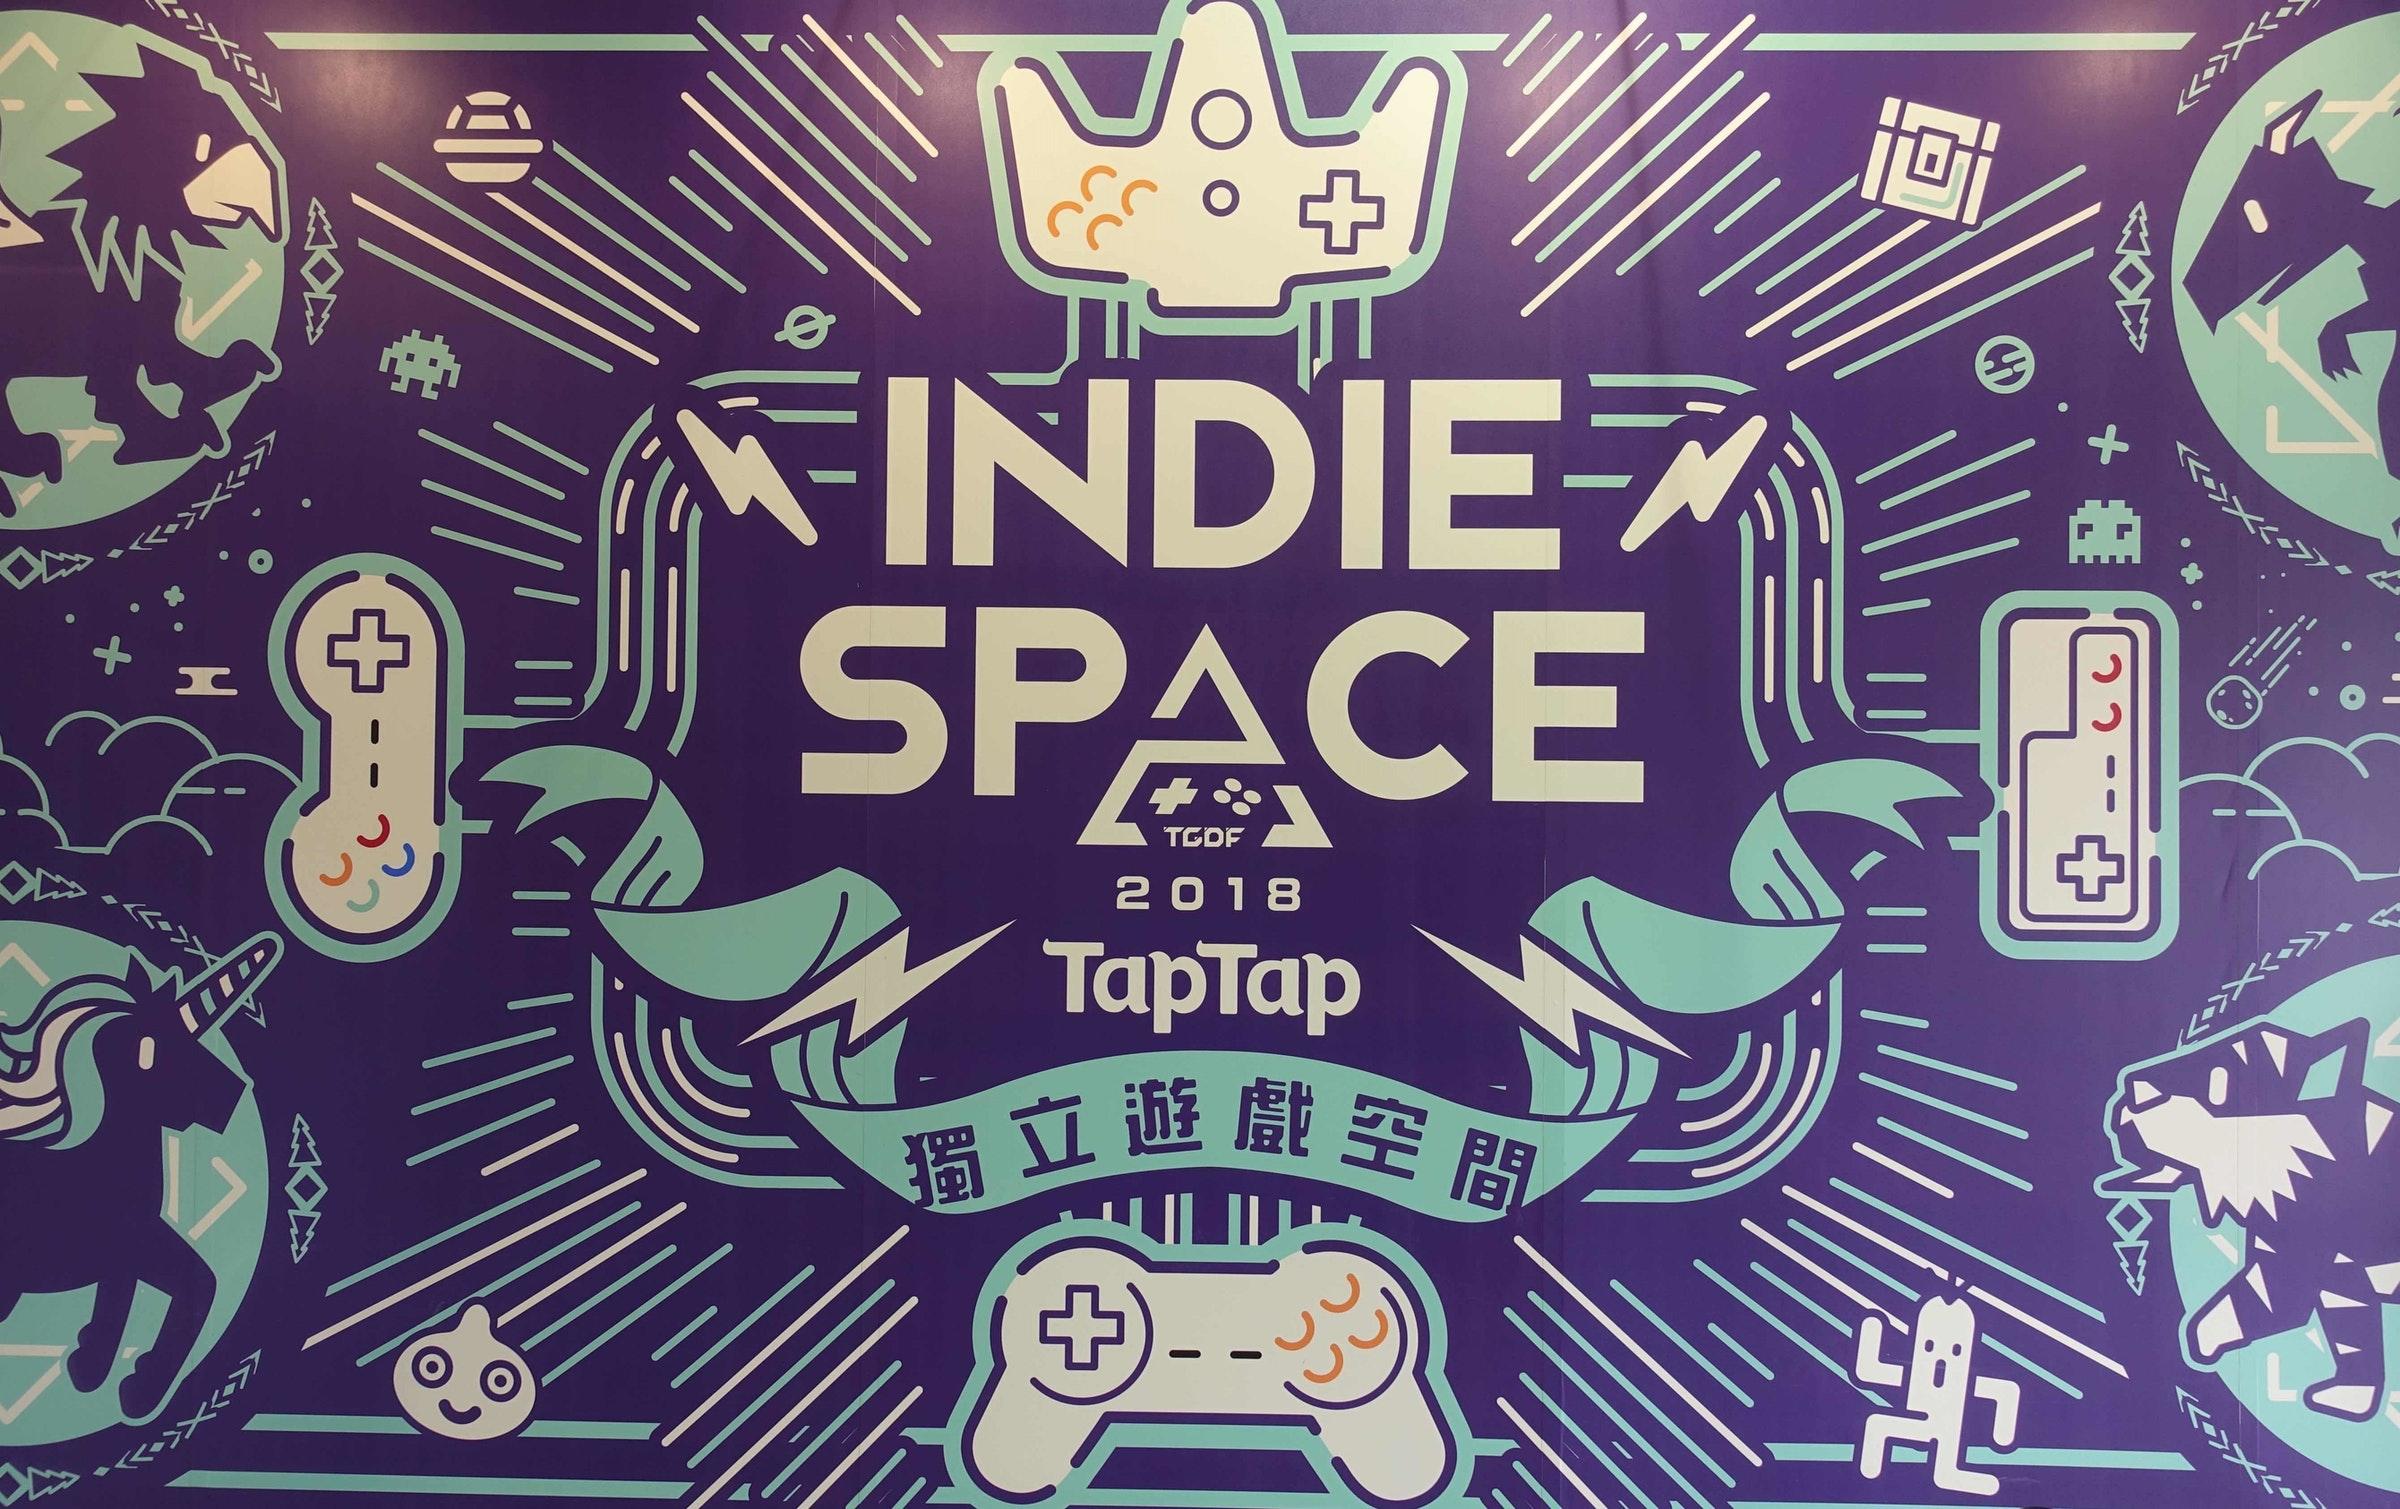 是喜歡台灣獨立遊戲?來逛逛 2018 夏日電玩展 in 華山這篇文章的首圖